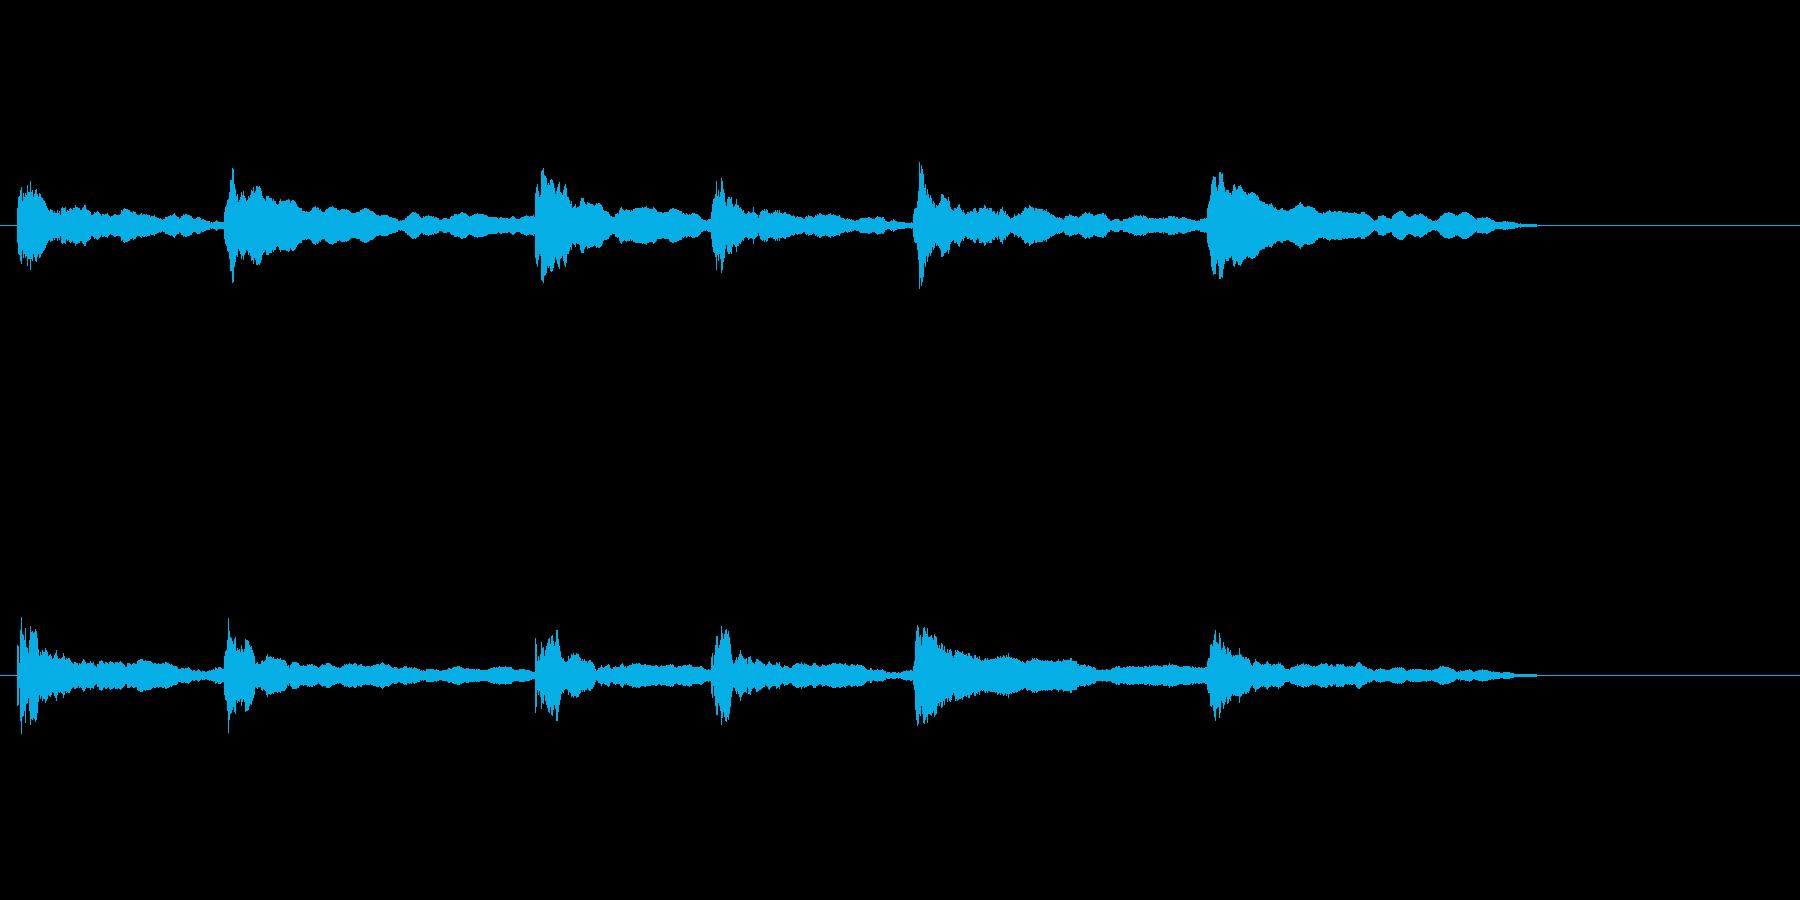 オリジナルの効果音の再生済みの波形